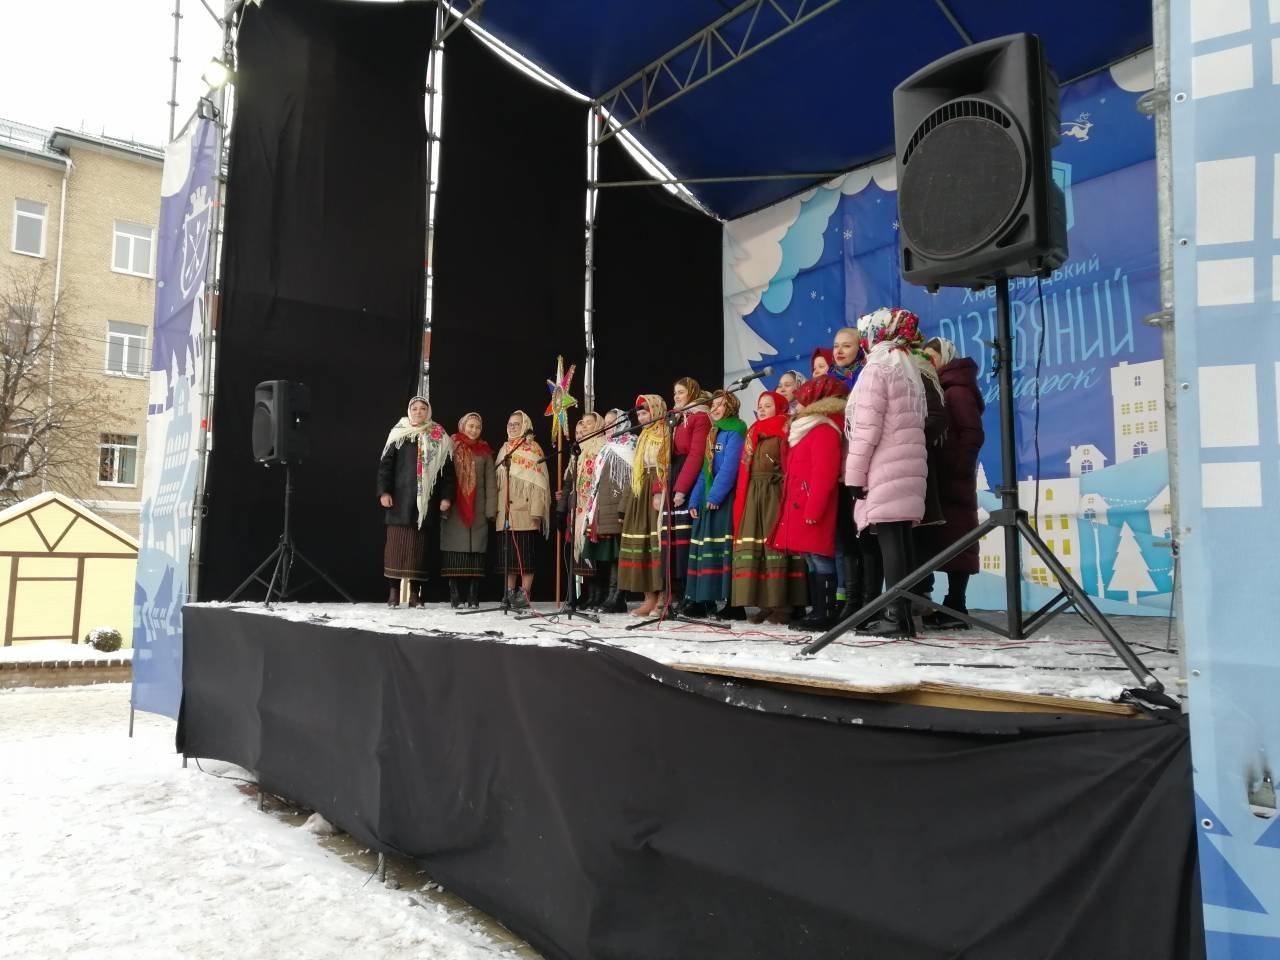 Нова радість стала: Хмельницький приєднався до акції одночасного виконання колядки.ФОТО.ВІДЕО, фото-4